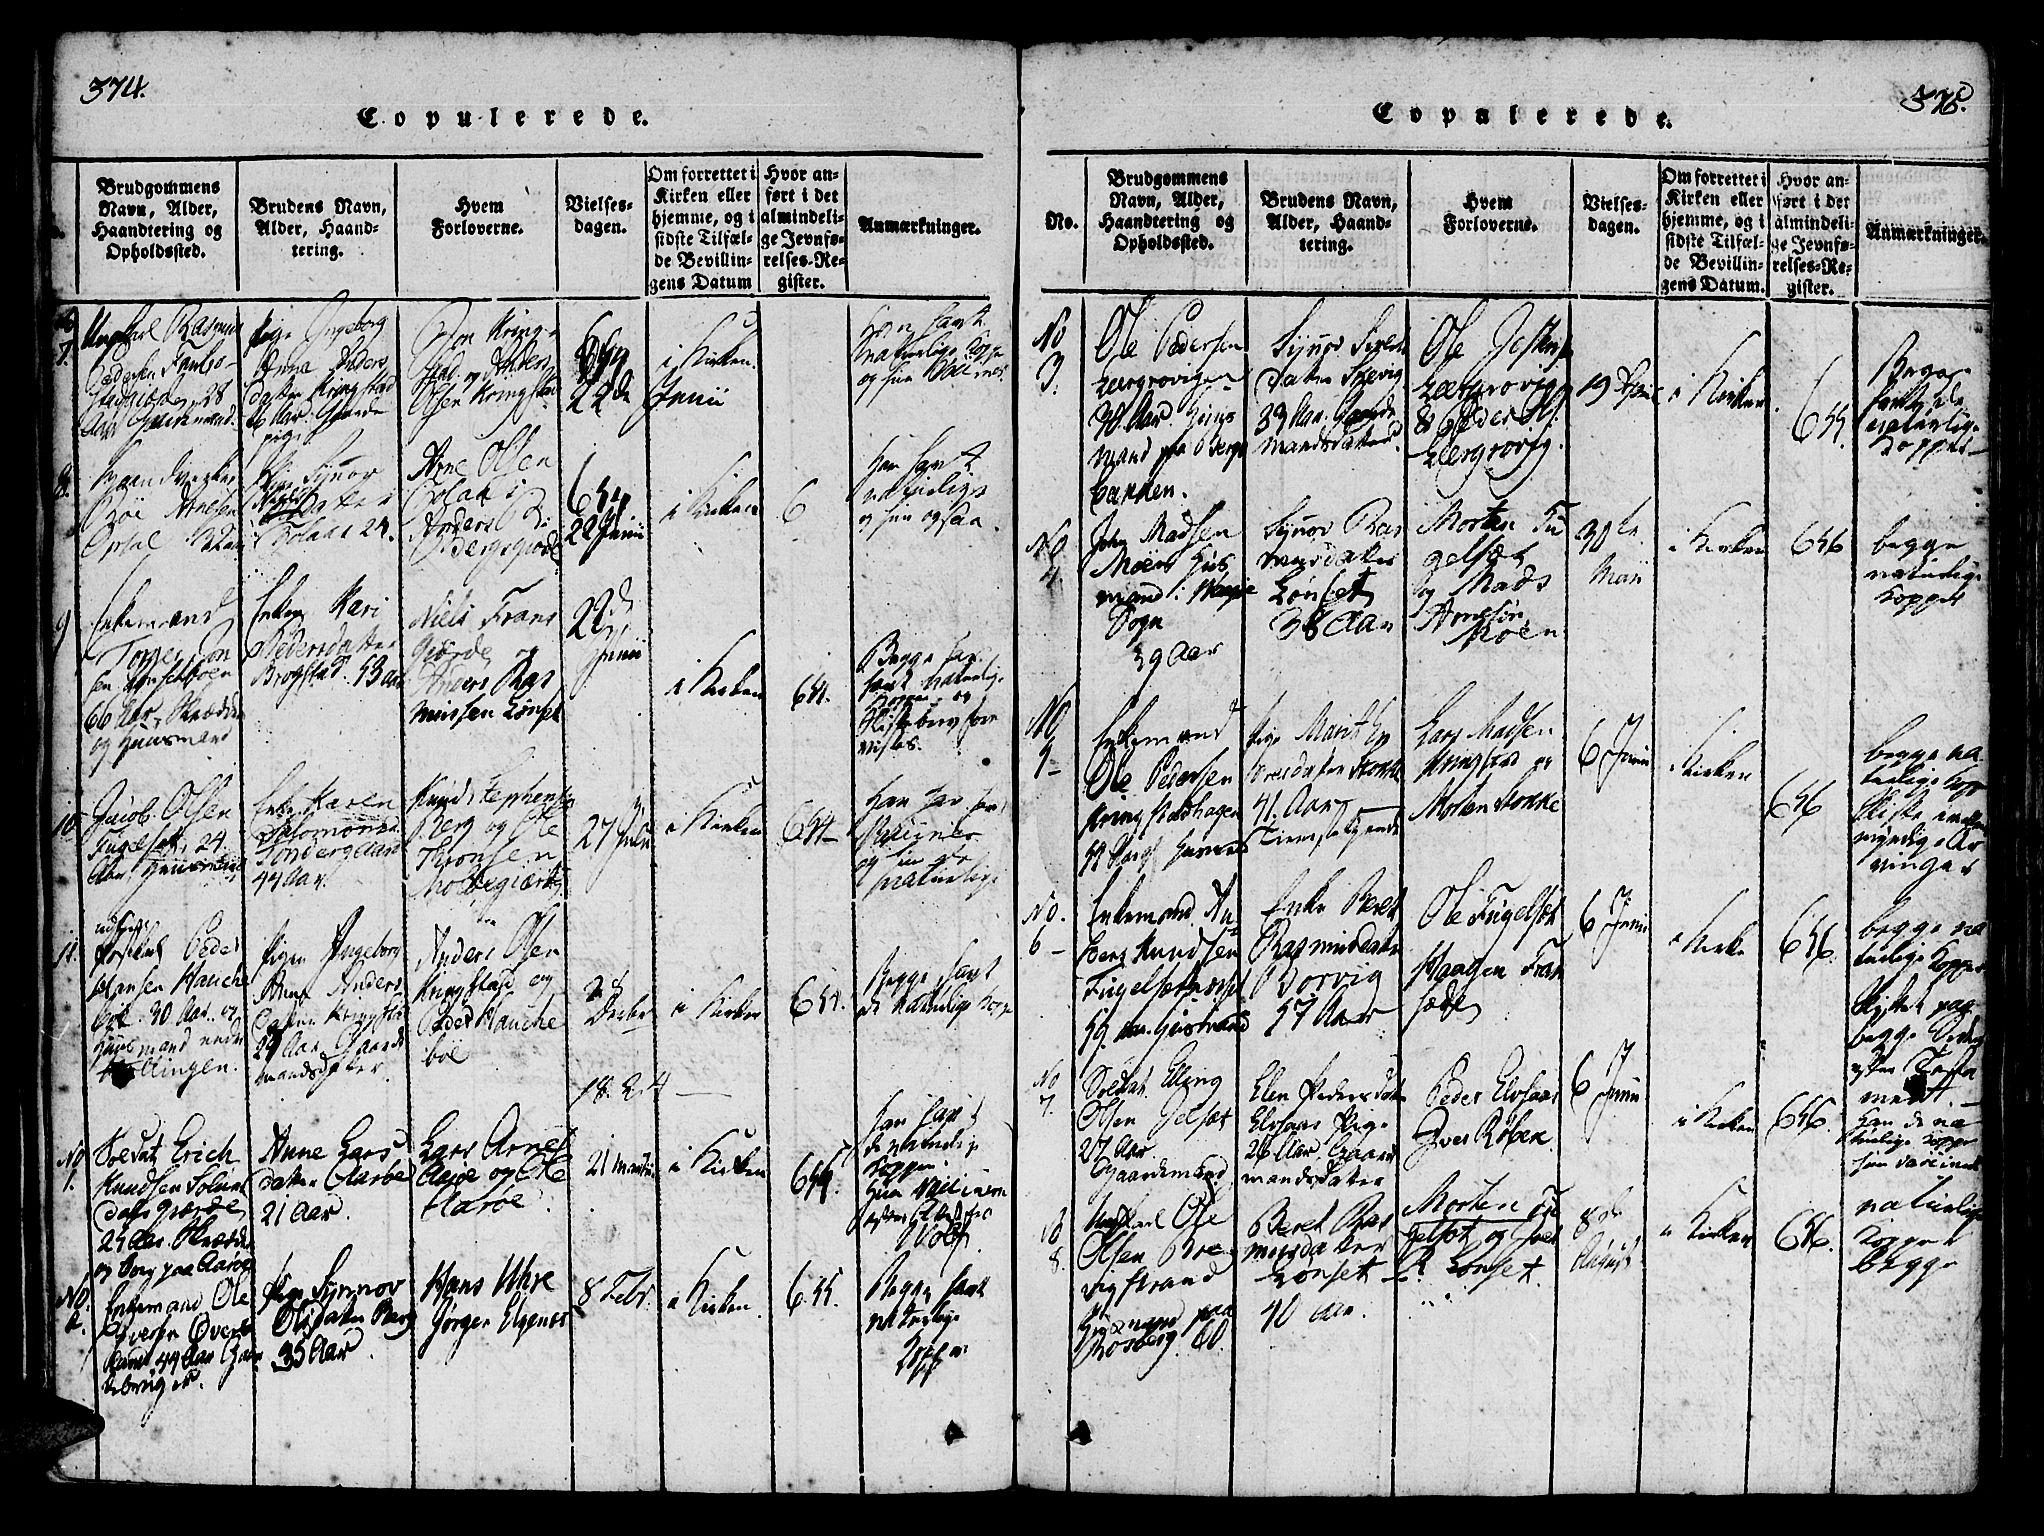 SAT, Ministerialprotokoller, klokkerbøker og fødselsregistre - Møre og Romsdal, 555/L0652: Ministerialbok nr. 555A03, 1817-1843, s. 374-375